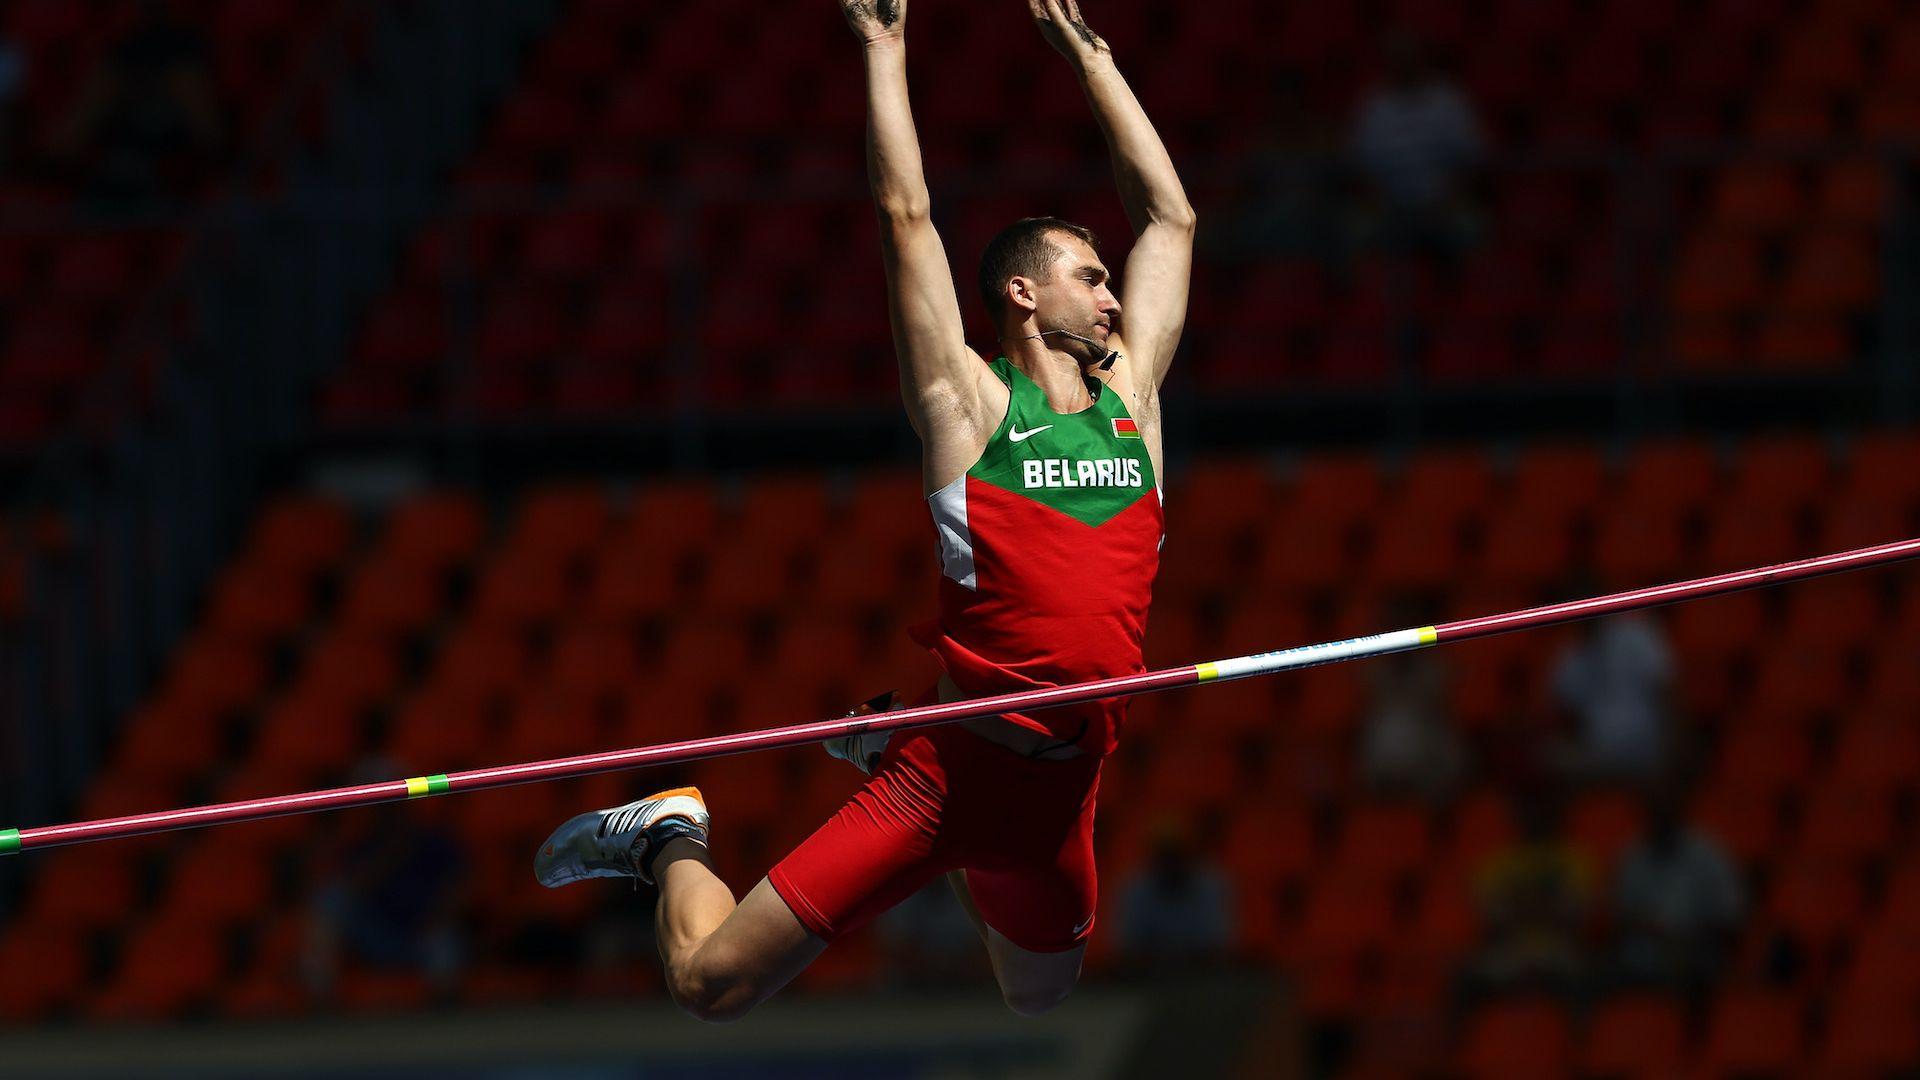 Осъдиха олимпийски медалист заради протест срещу властта в Беларус